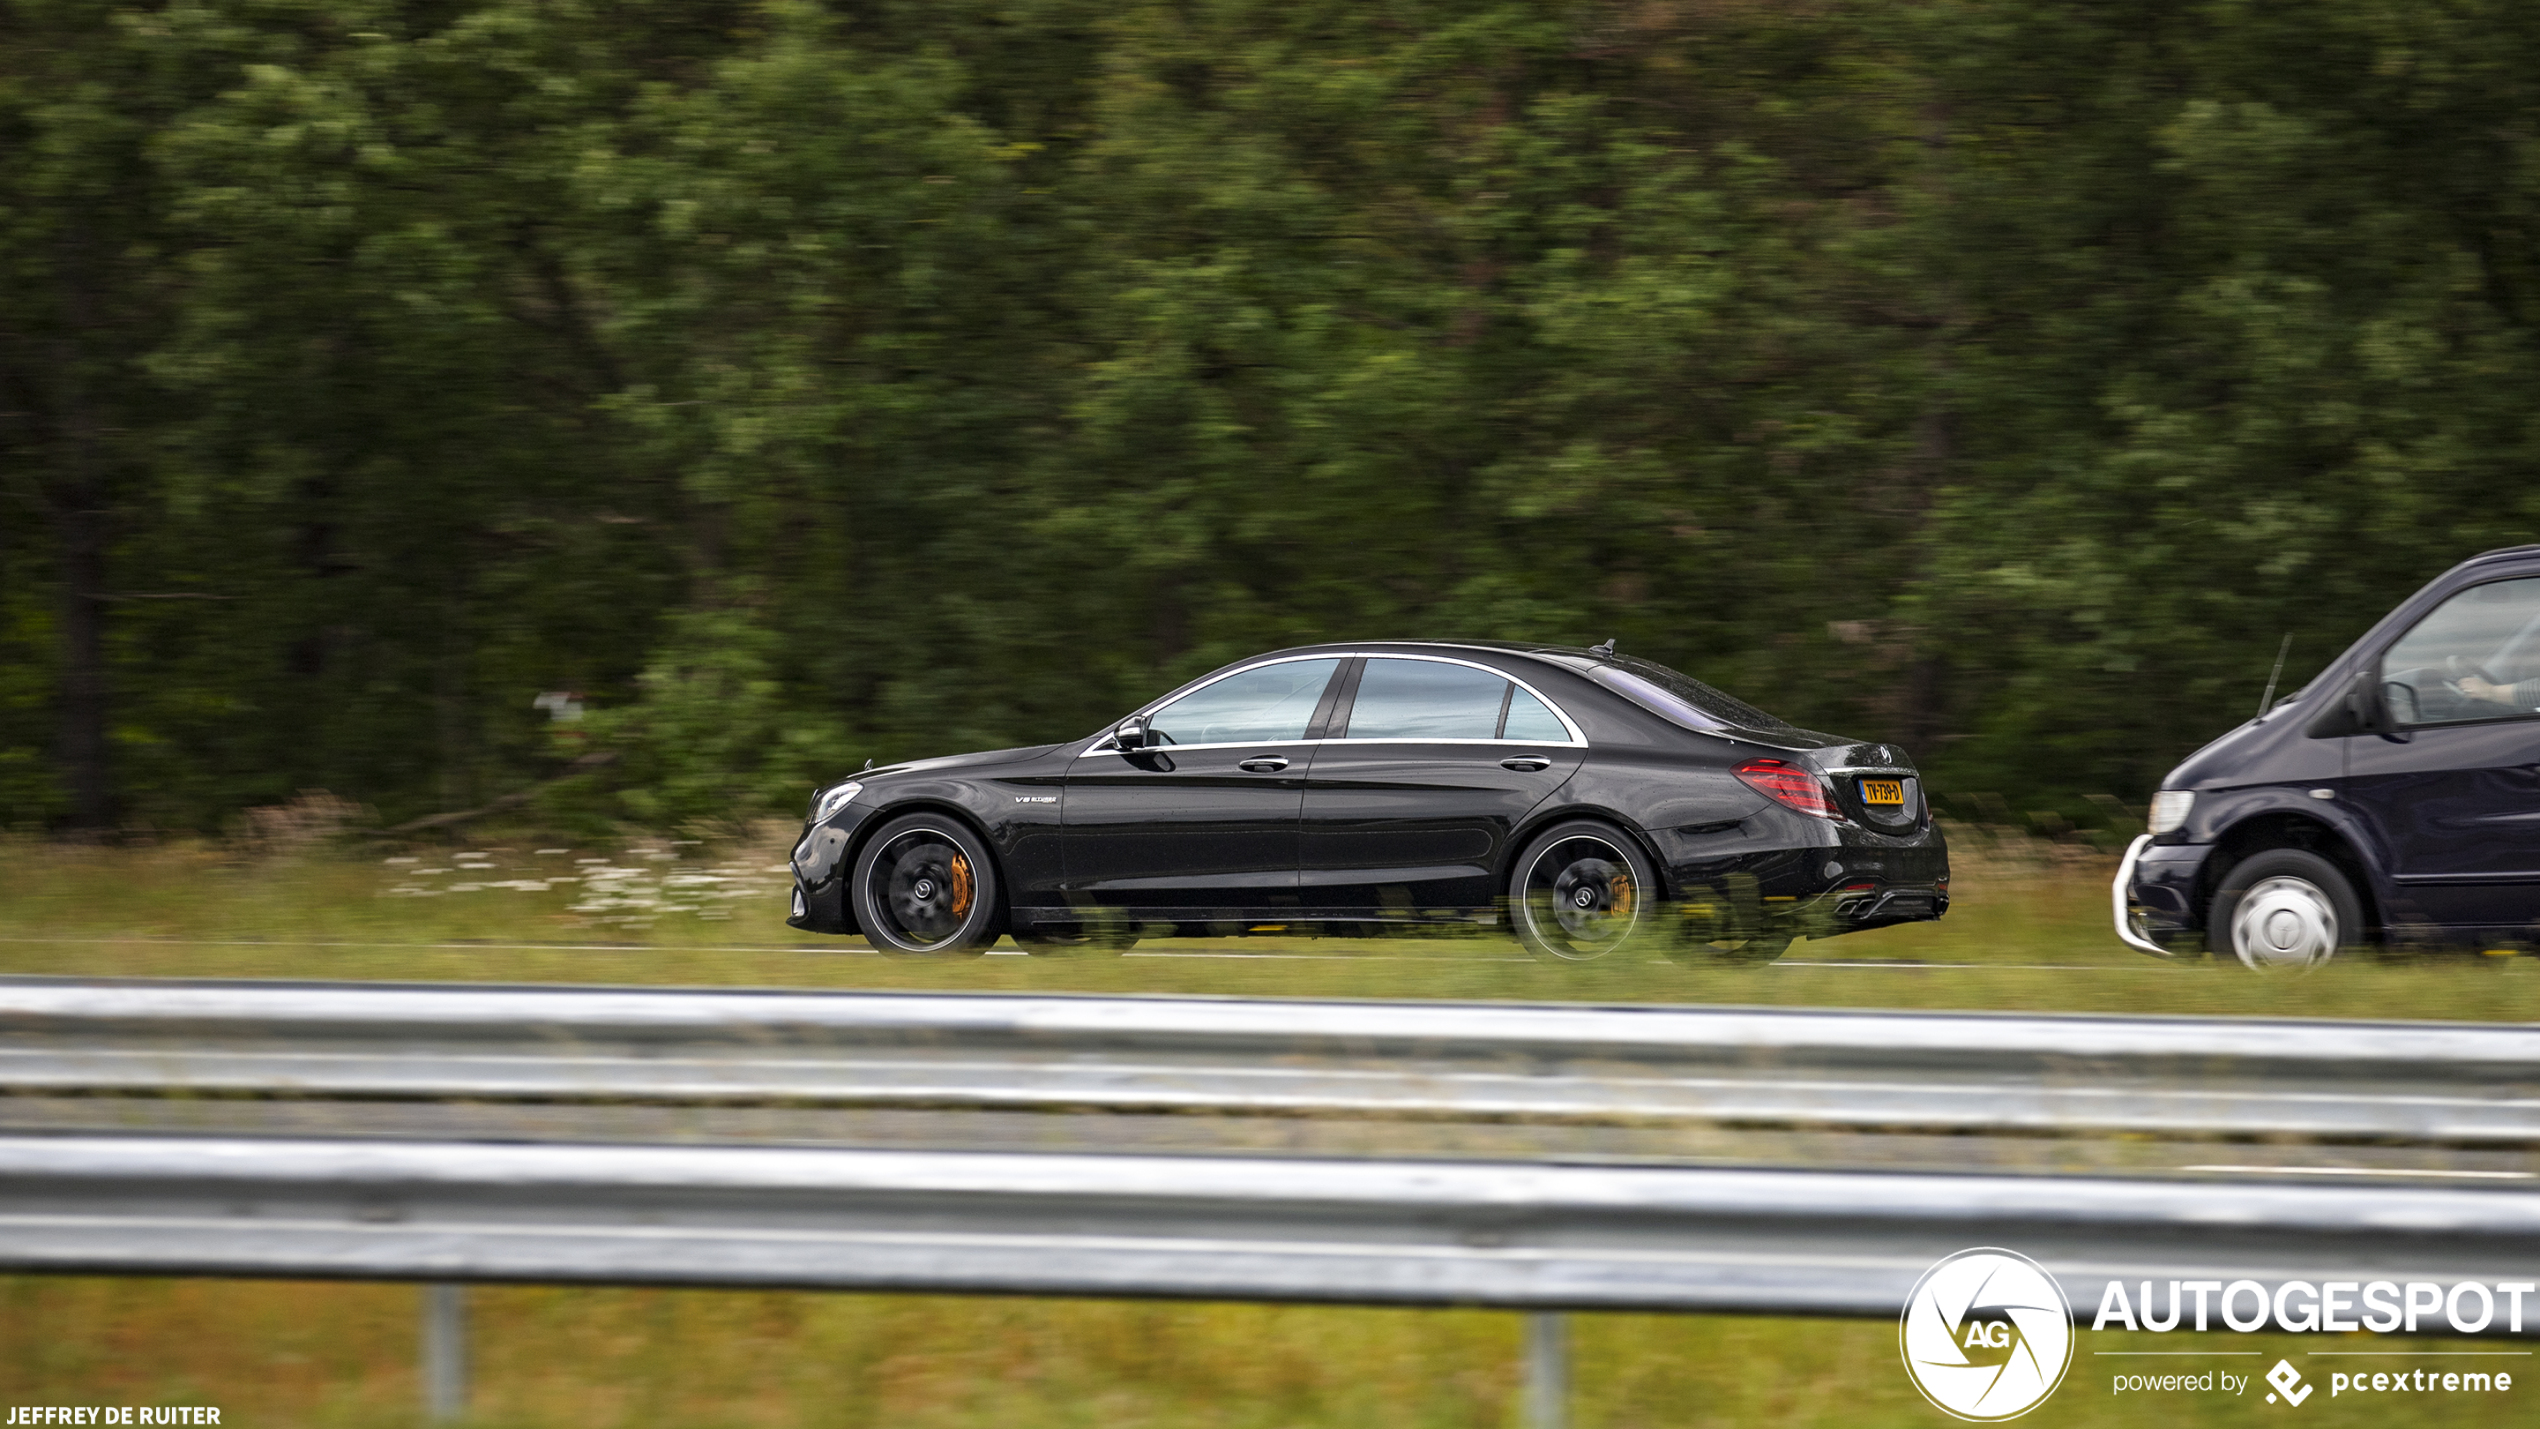 Zoeven als een koning met de Mercedes-AMG S63